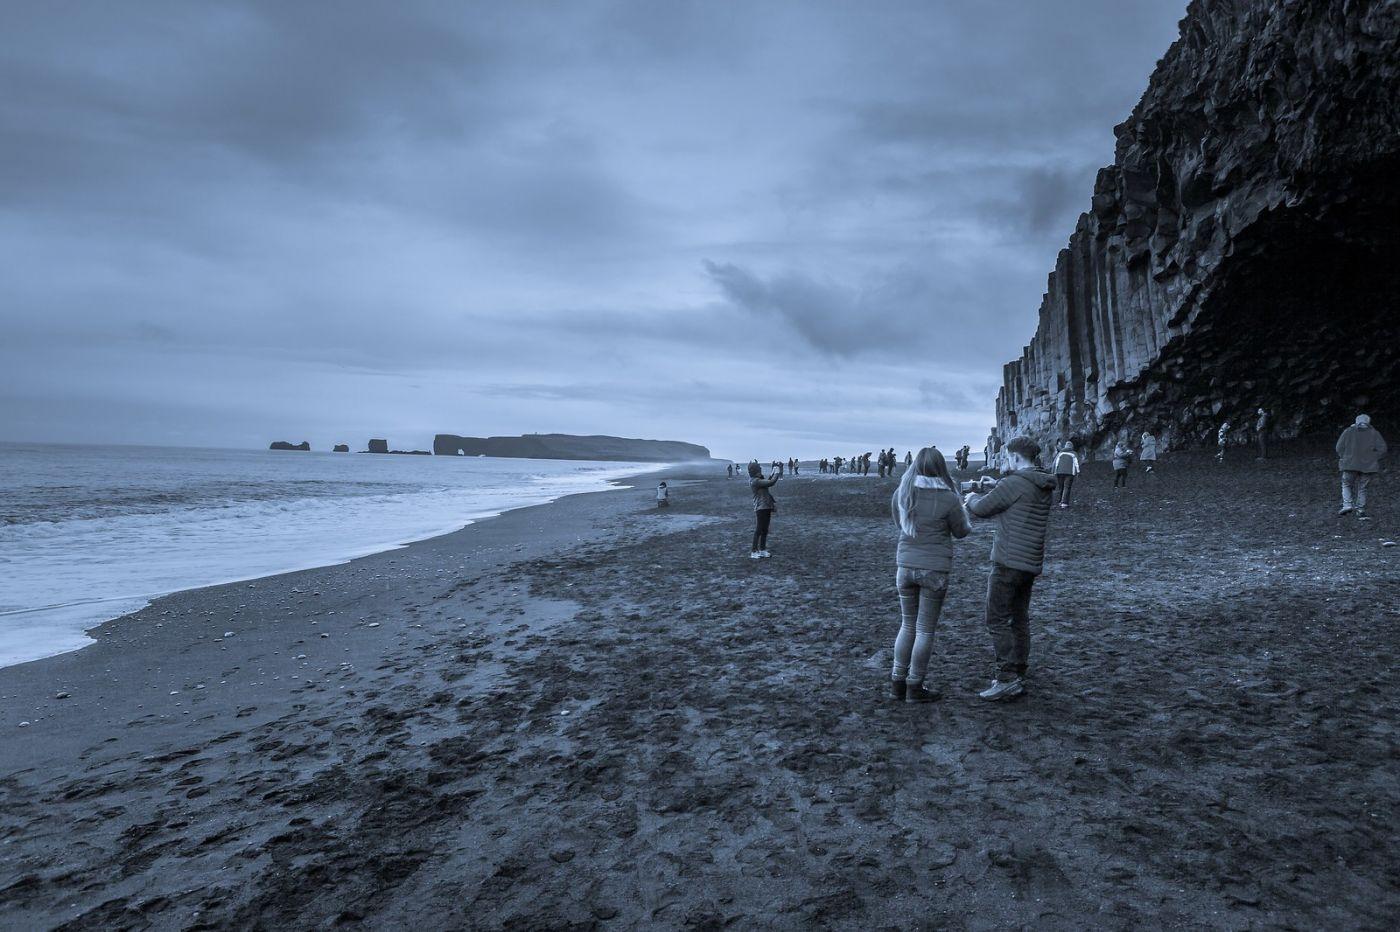 冰岛雷尼斯法加拉黑沙滩(Reynisfjara Black Sand Beach)_图1-9